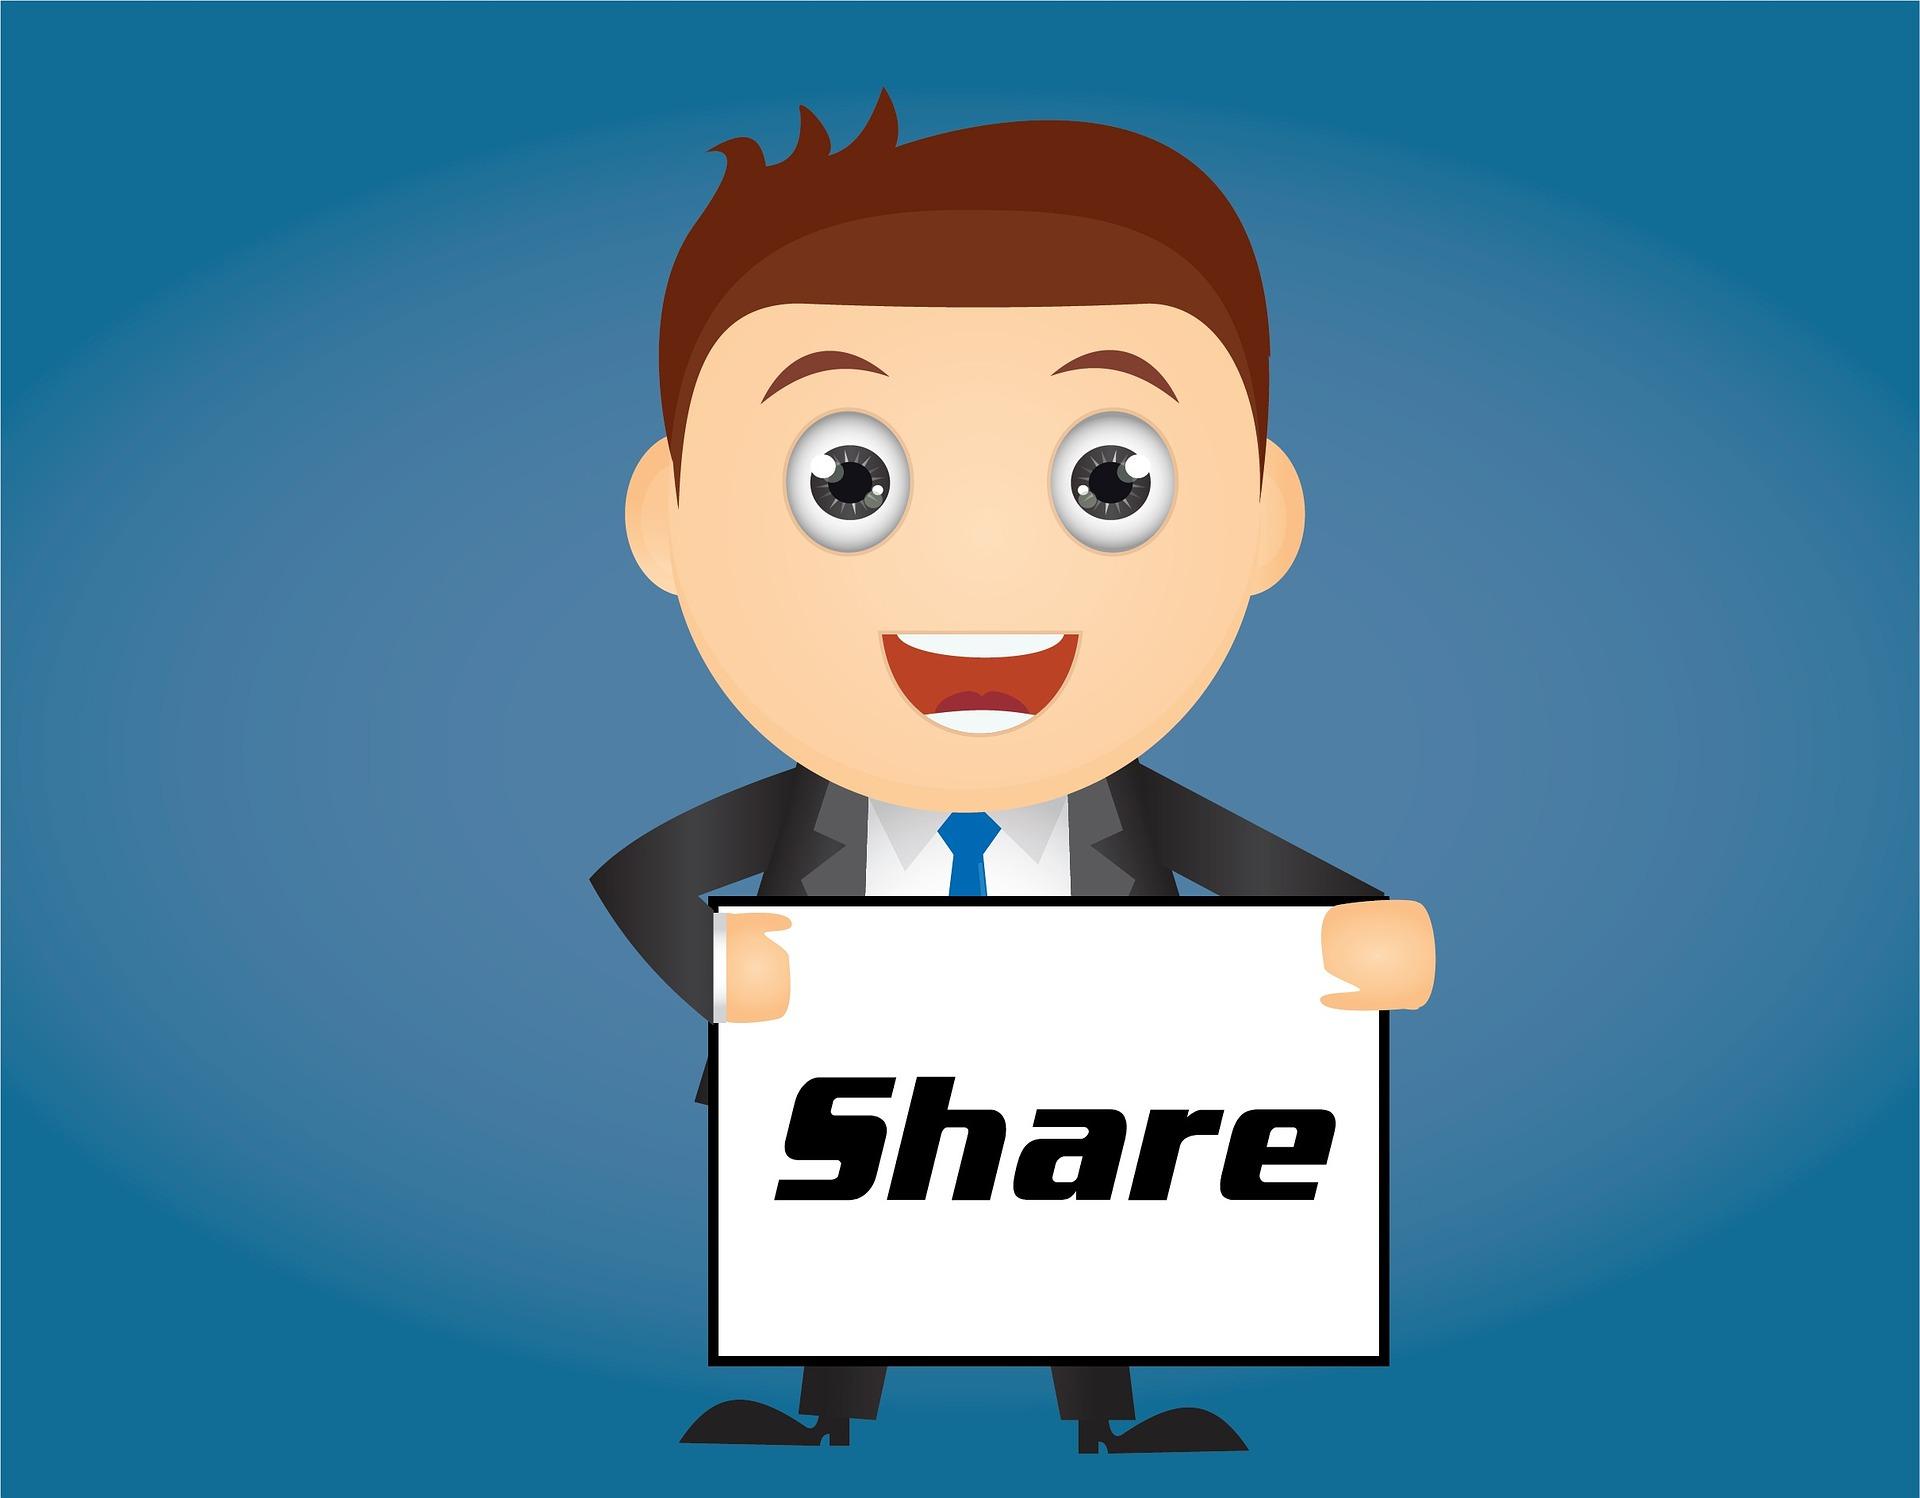 share-1314738_1920